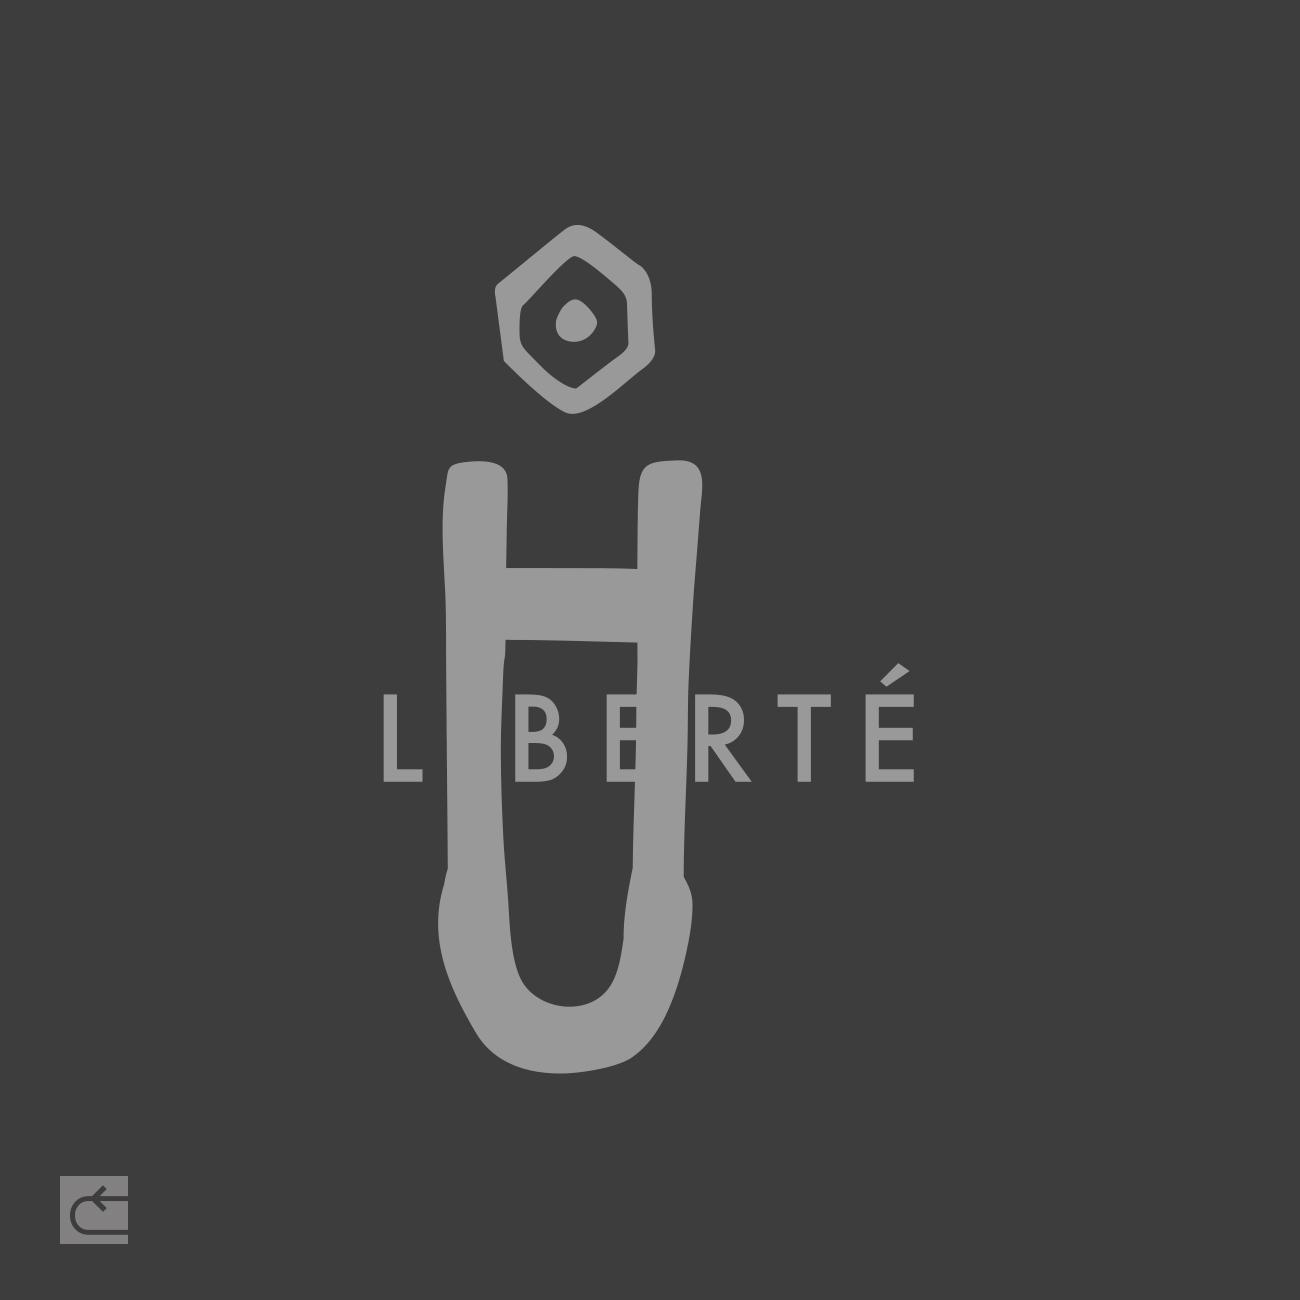 Ilustración: Liberté Pensé © moversinmover. Arte emergente